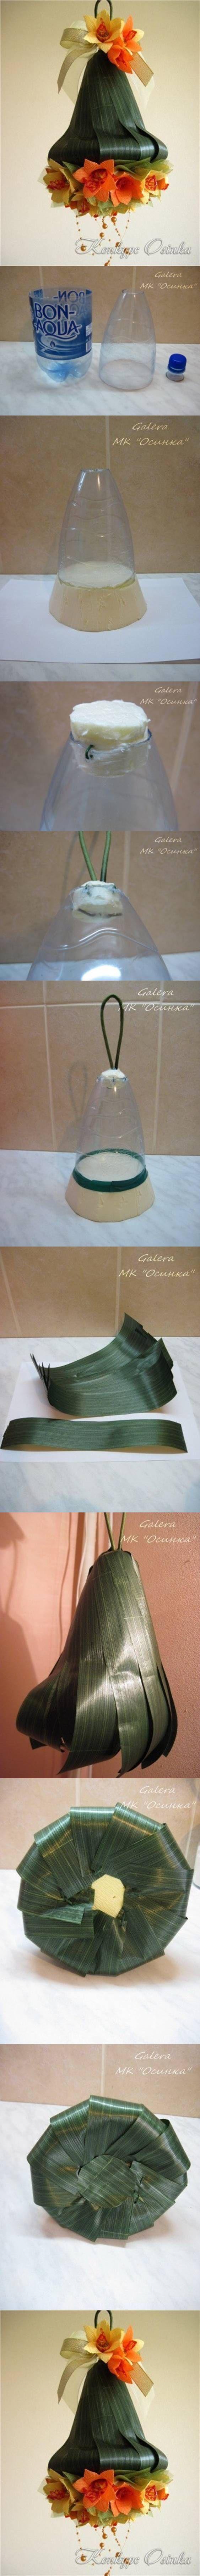 DIY Plastic Bottle Bell Ornament